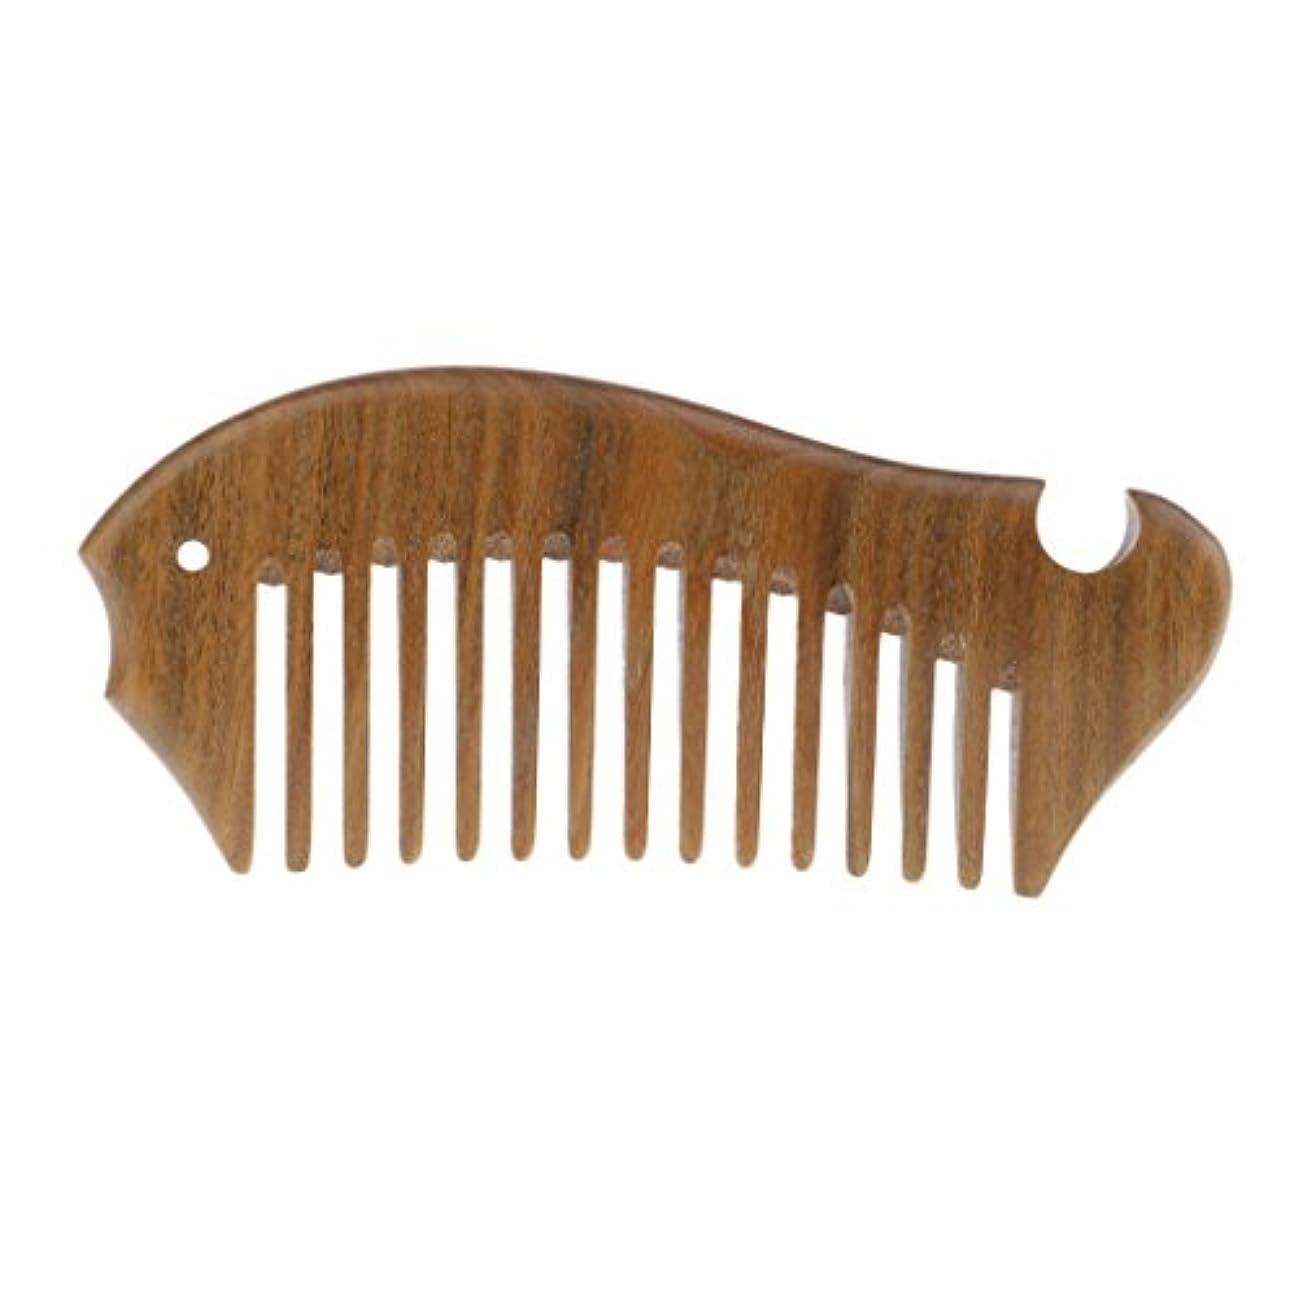 指紋植物学者冗談で木製櫛 帯電防止櫛 ヘアコーム 頭皮 ケア マッサージ